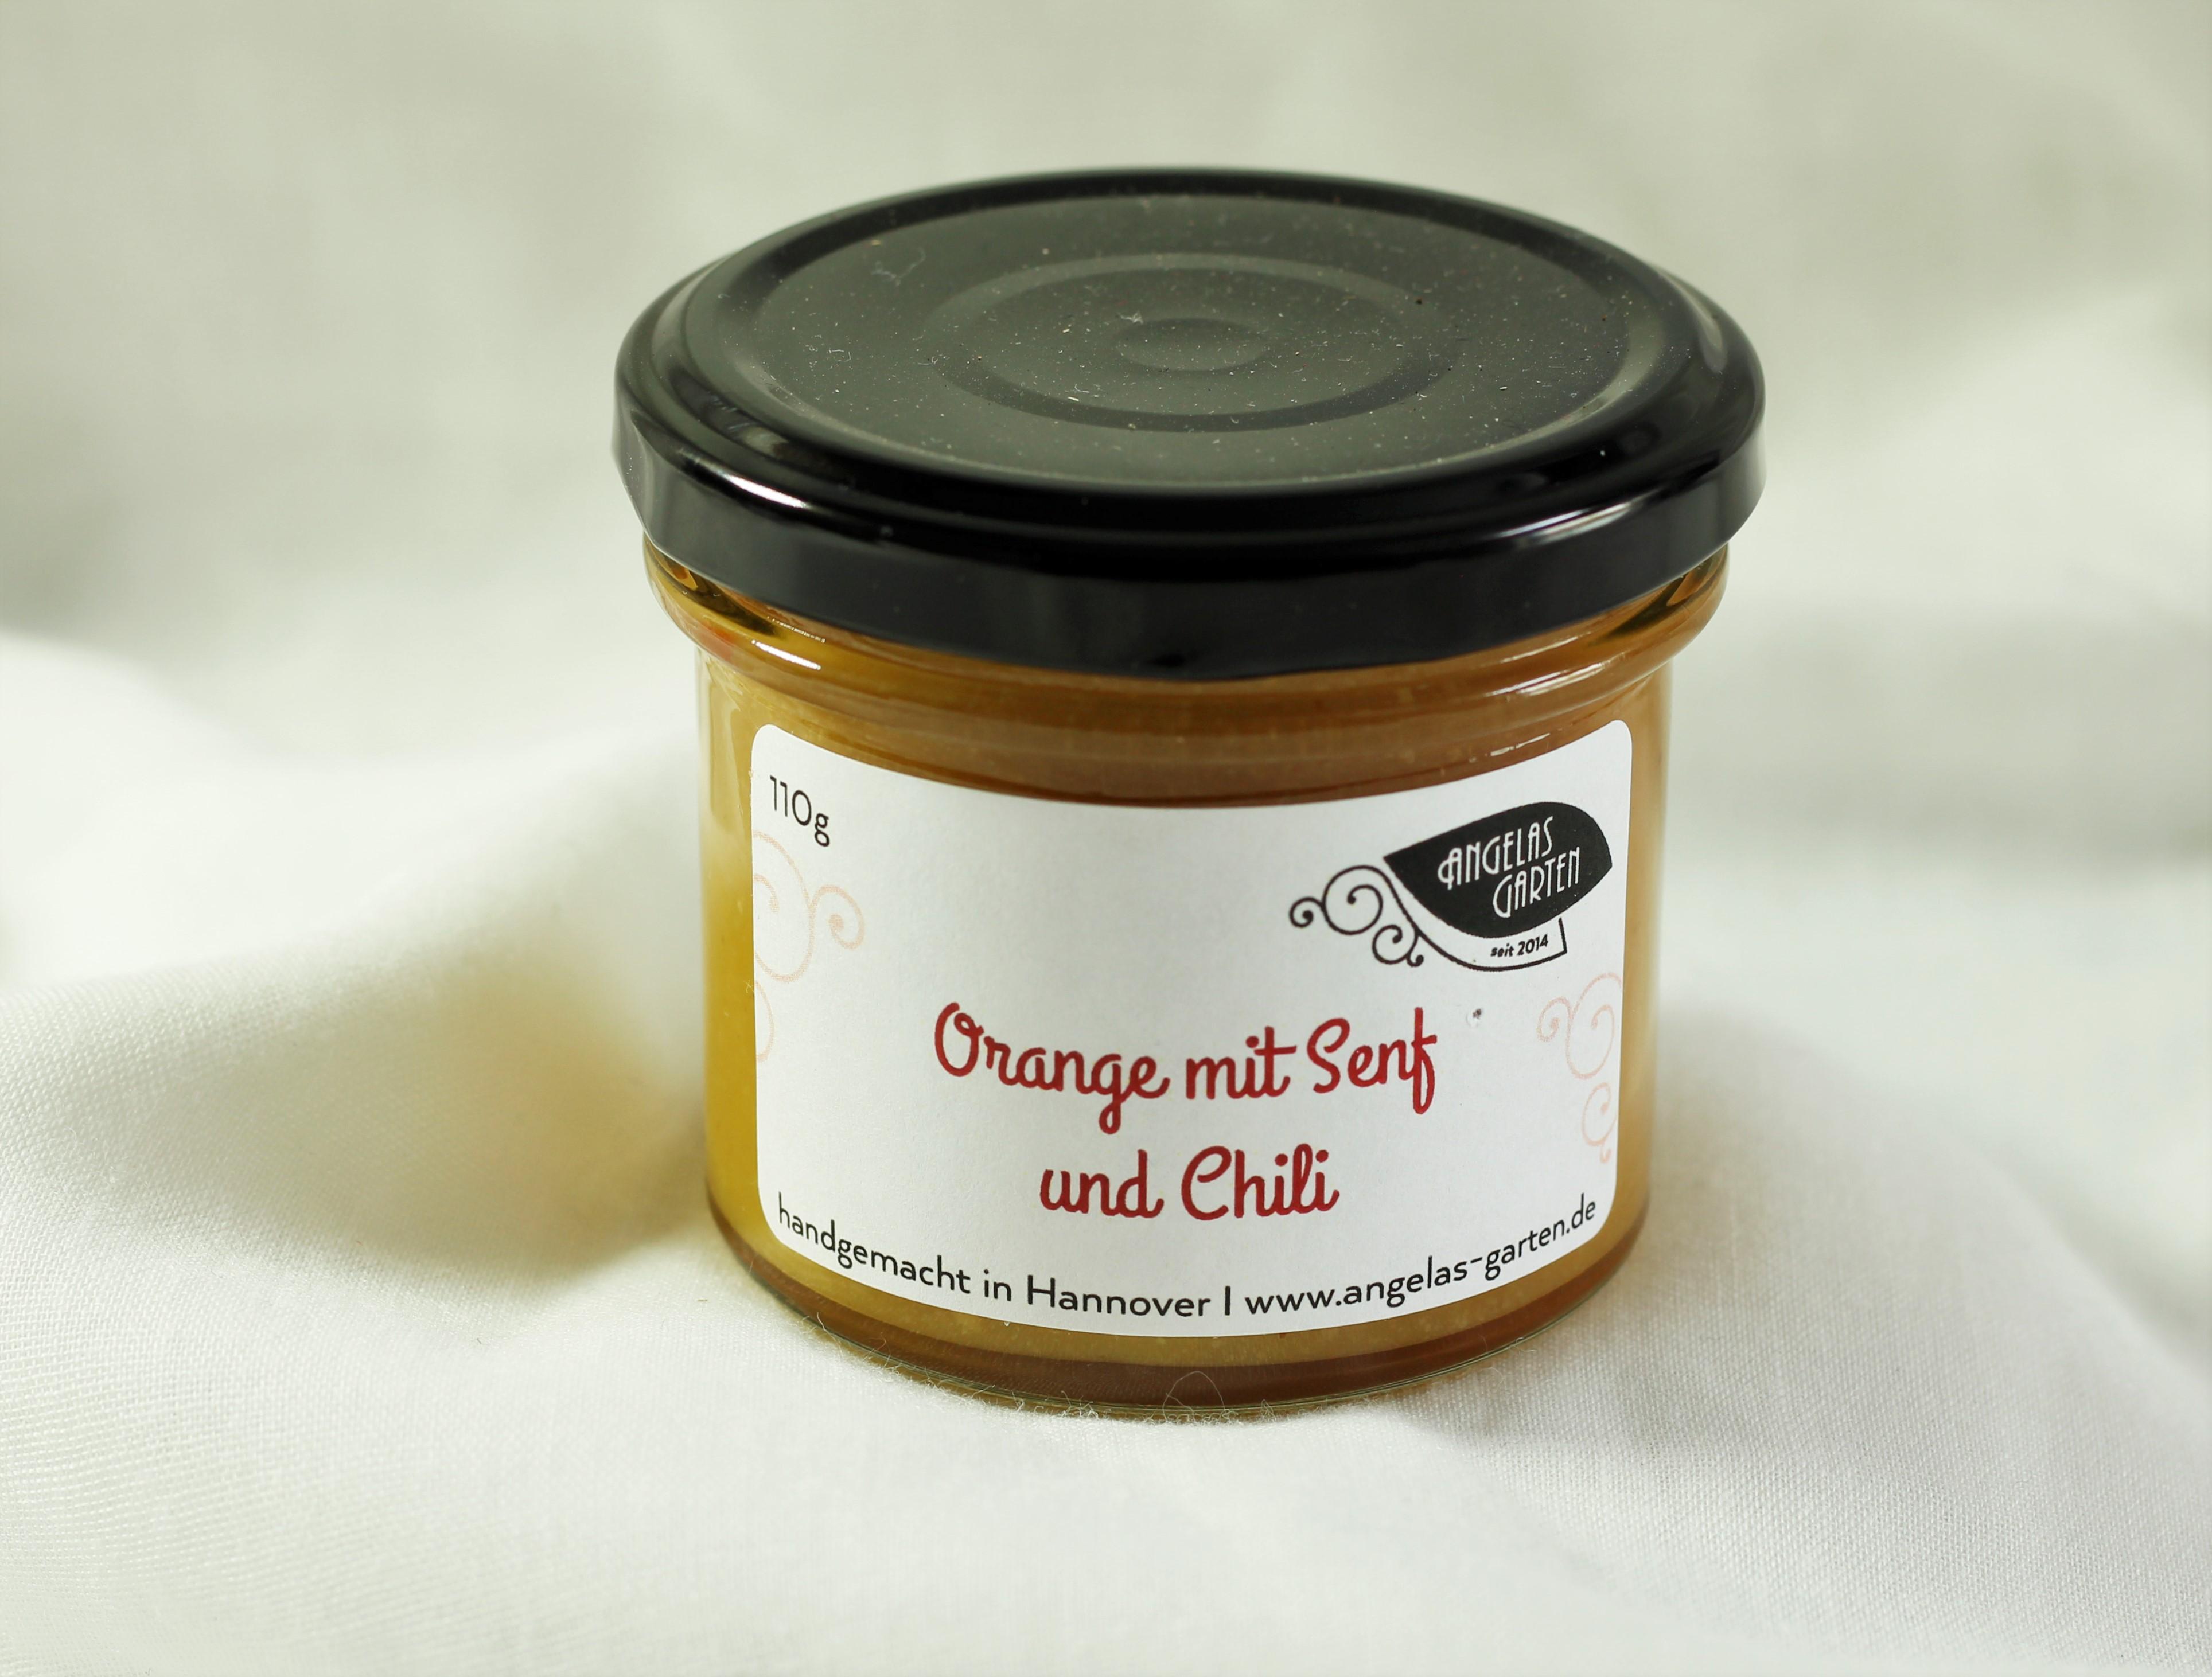 Orange mit Senf und Chili 110g